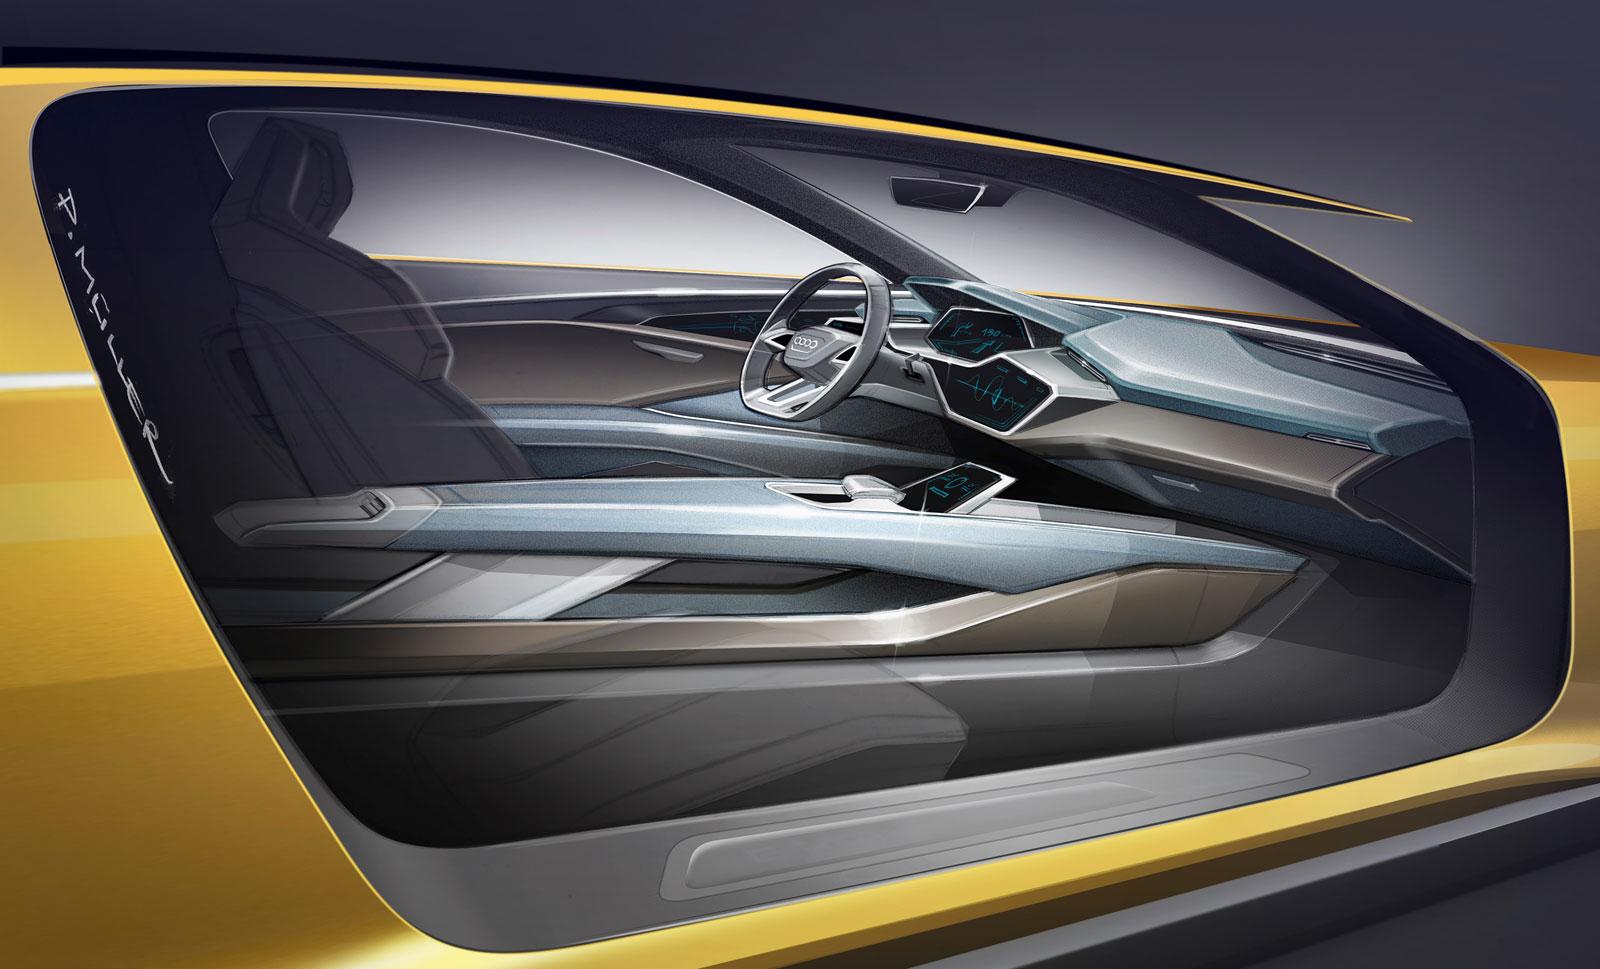 audi h tron quattro concept interior design sketch render